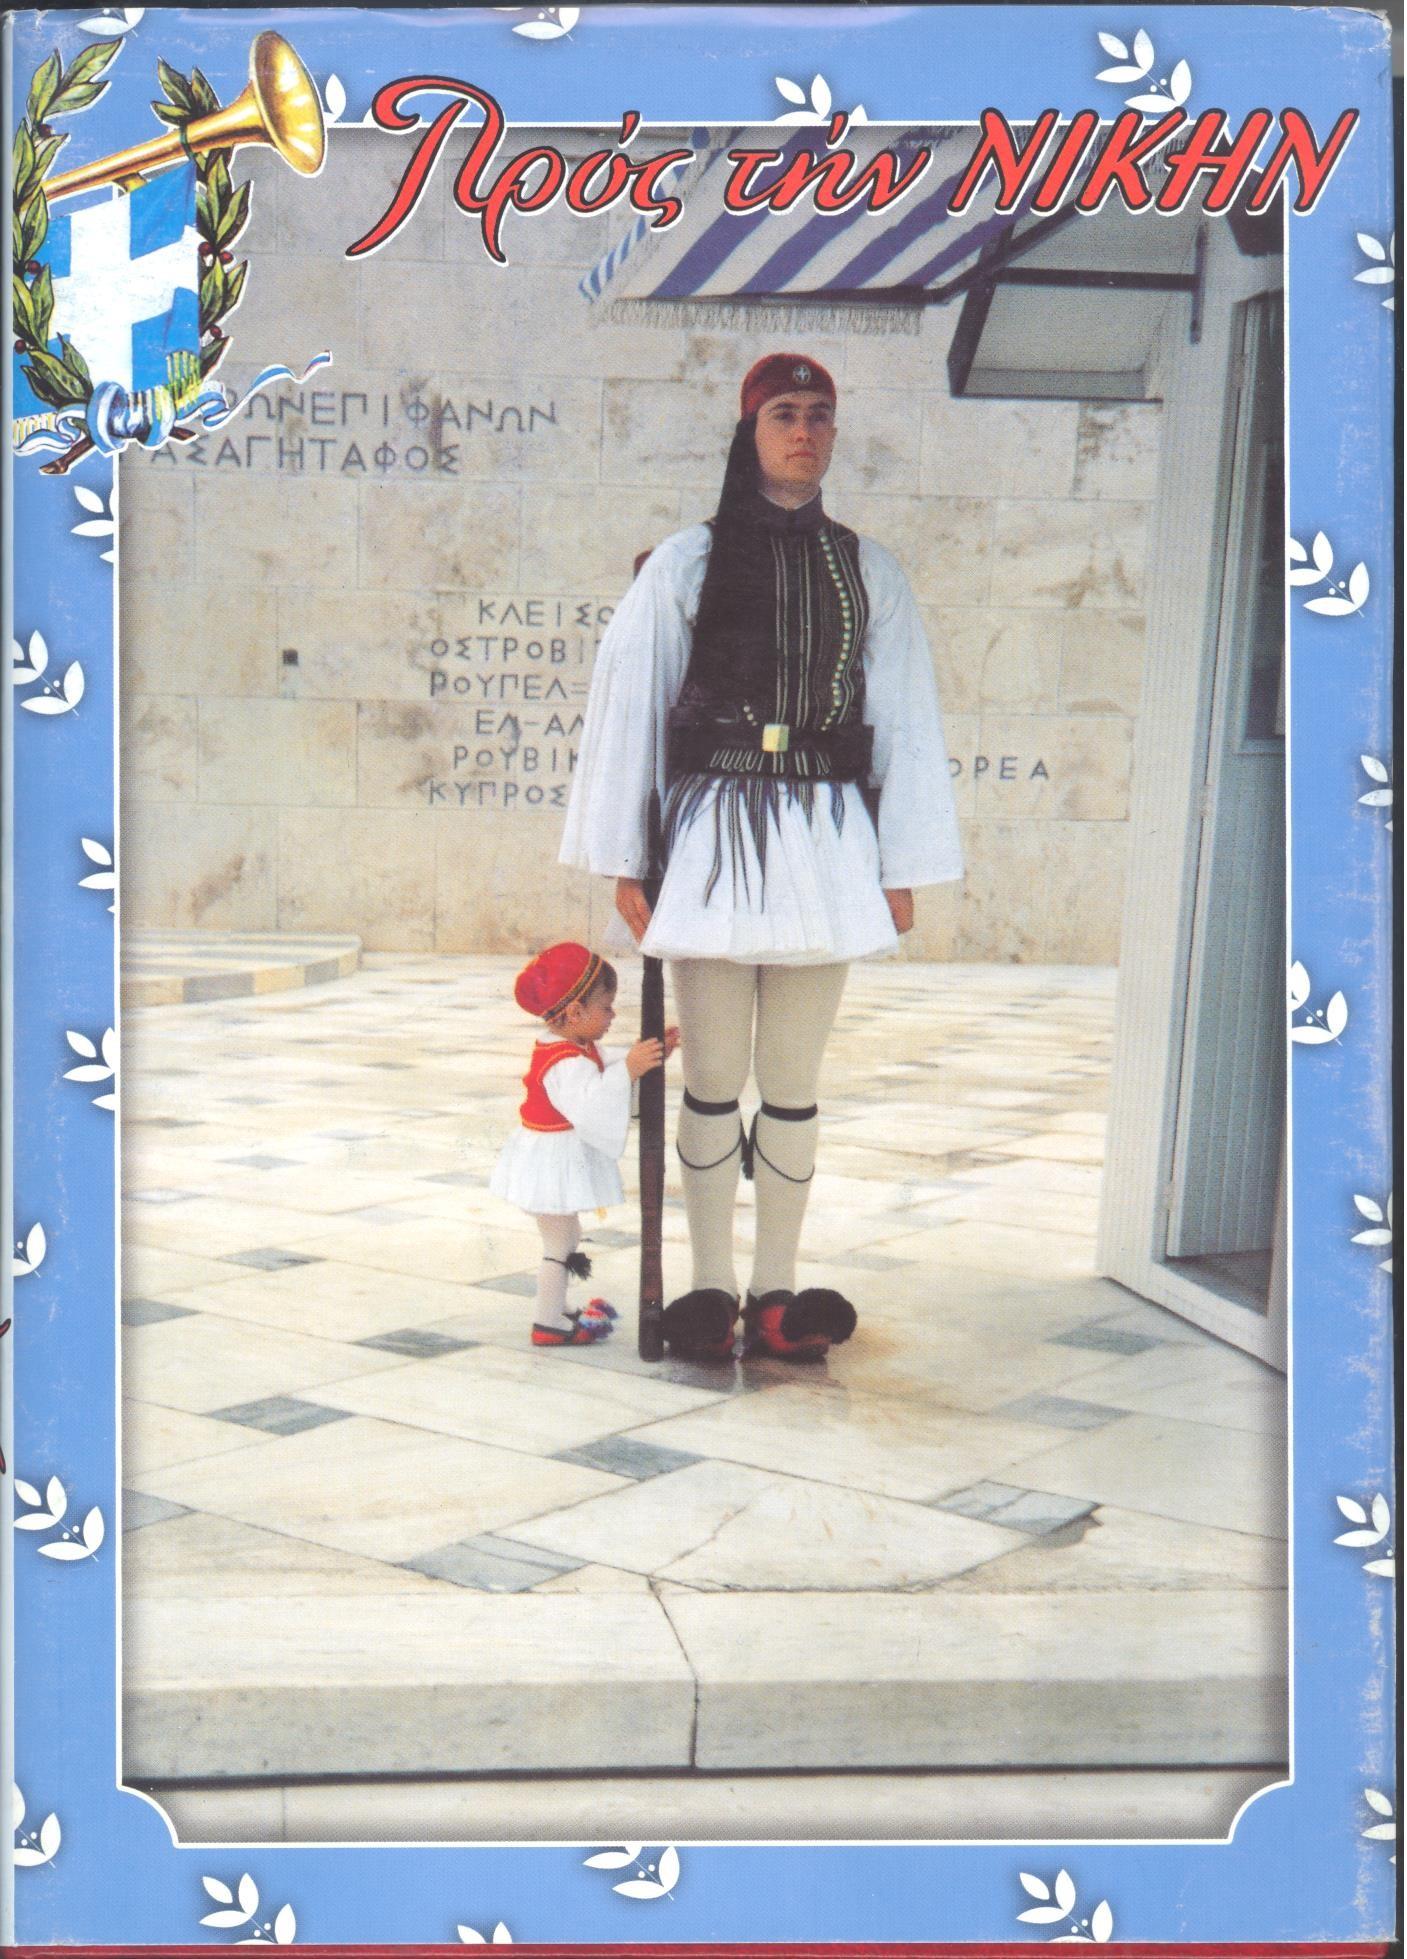 """Νέες Εκδόσεις ΤΟΜΟΣ """"ΠΡΟΣ ΤΗ ΝΙΚΗ"""" 2005"""